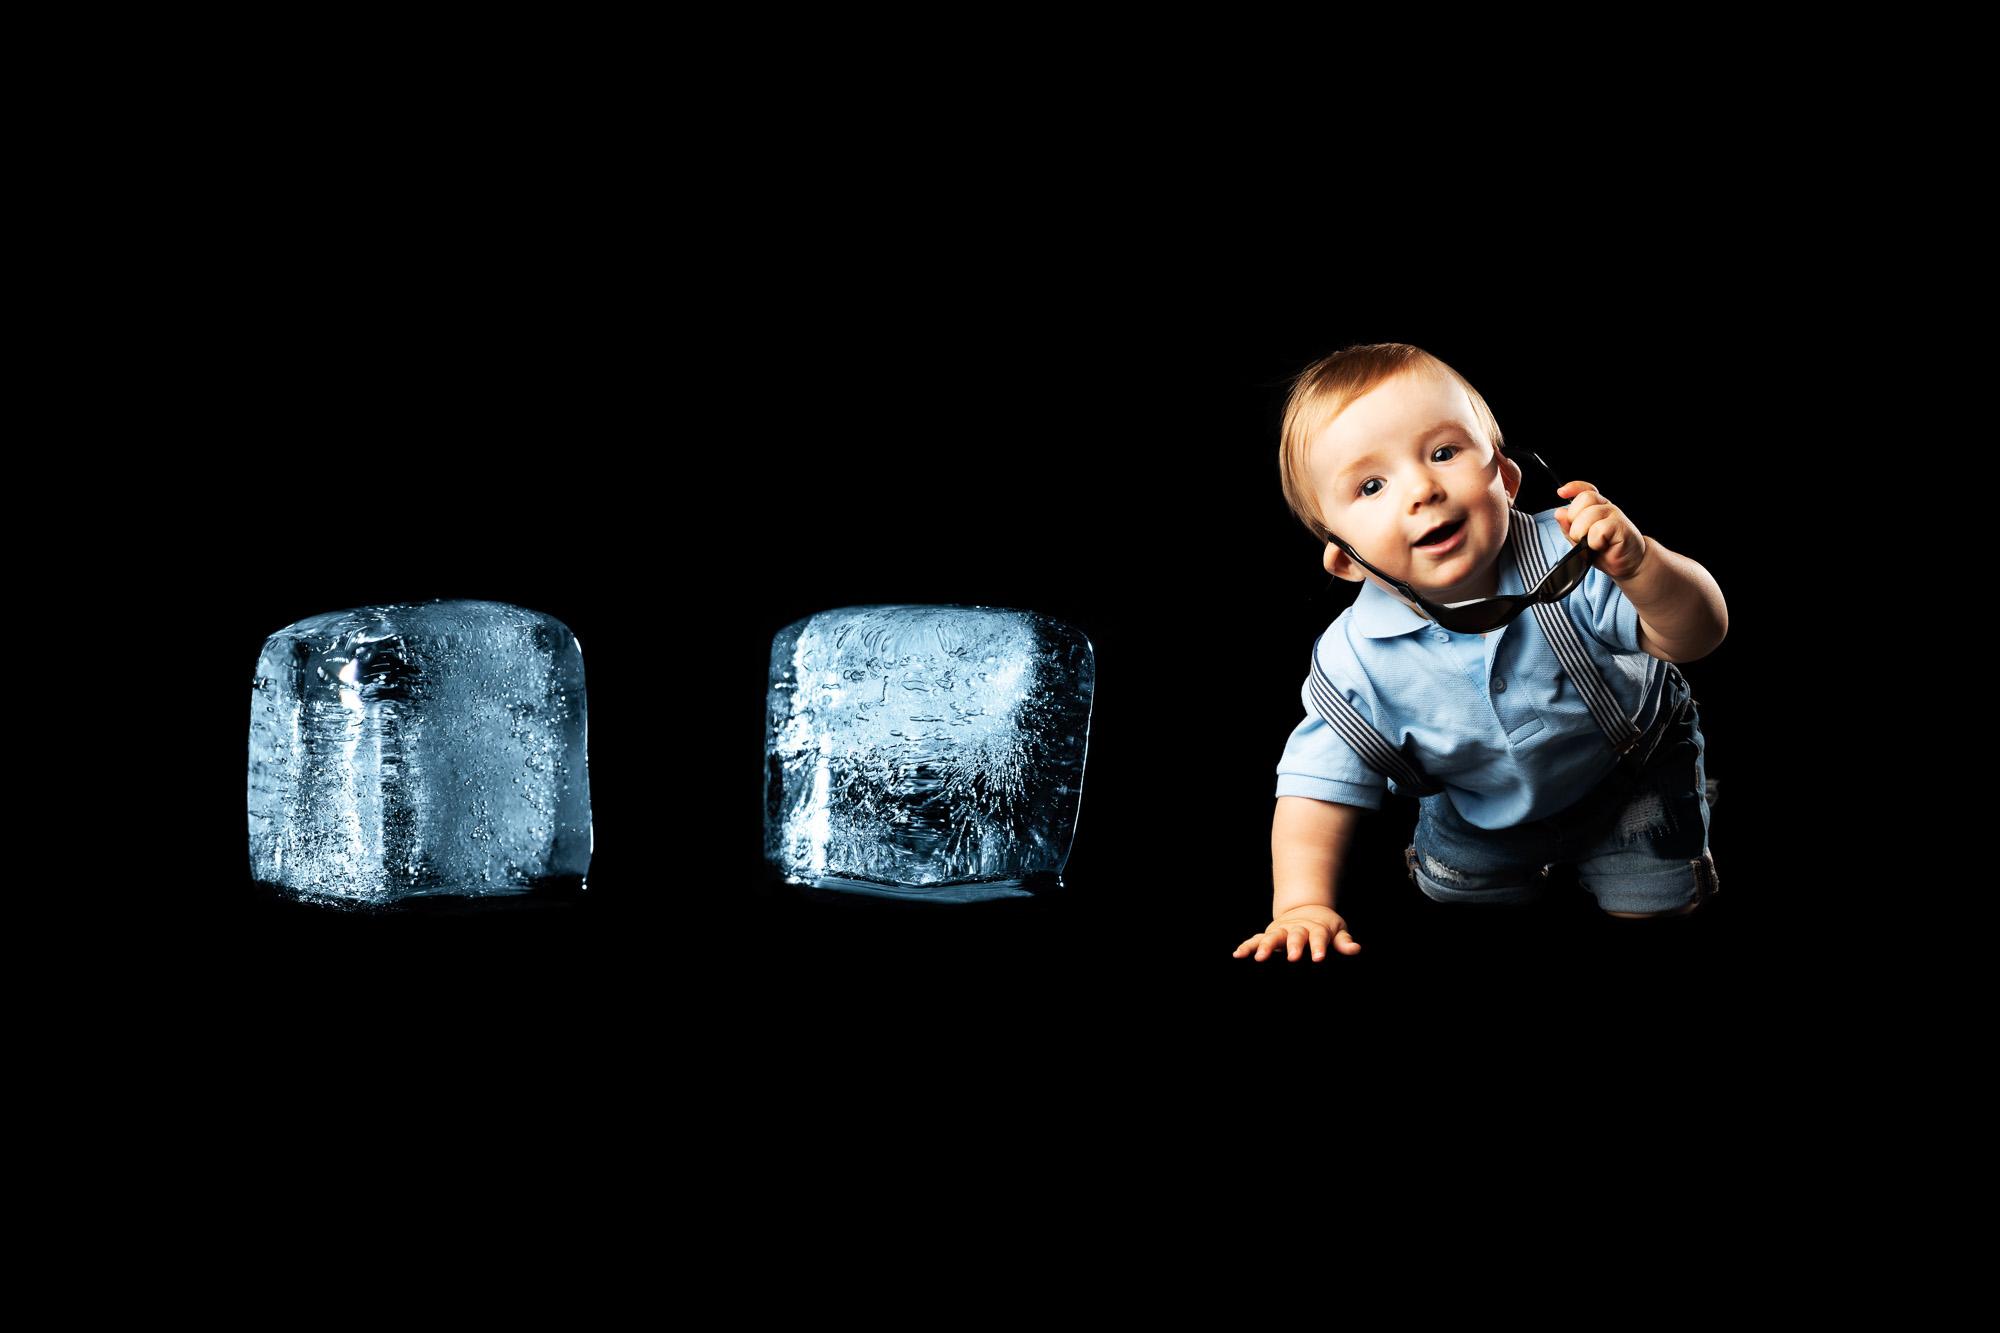 Ice Ice Baby (Vanilla Ice, 1990)